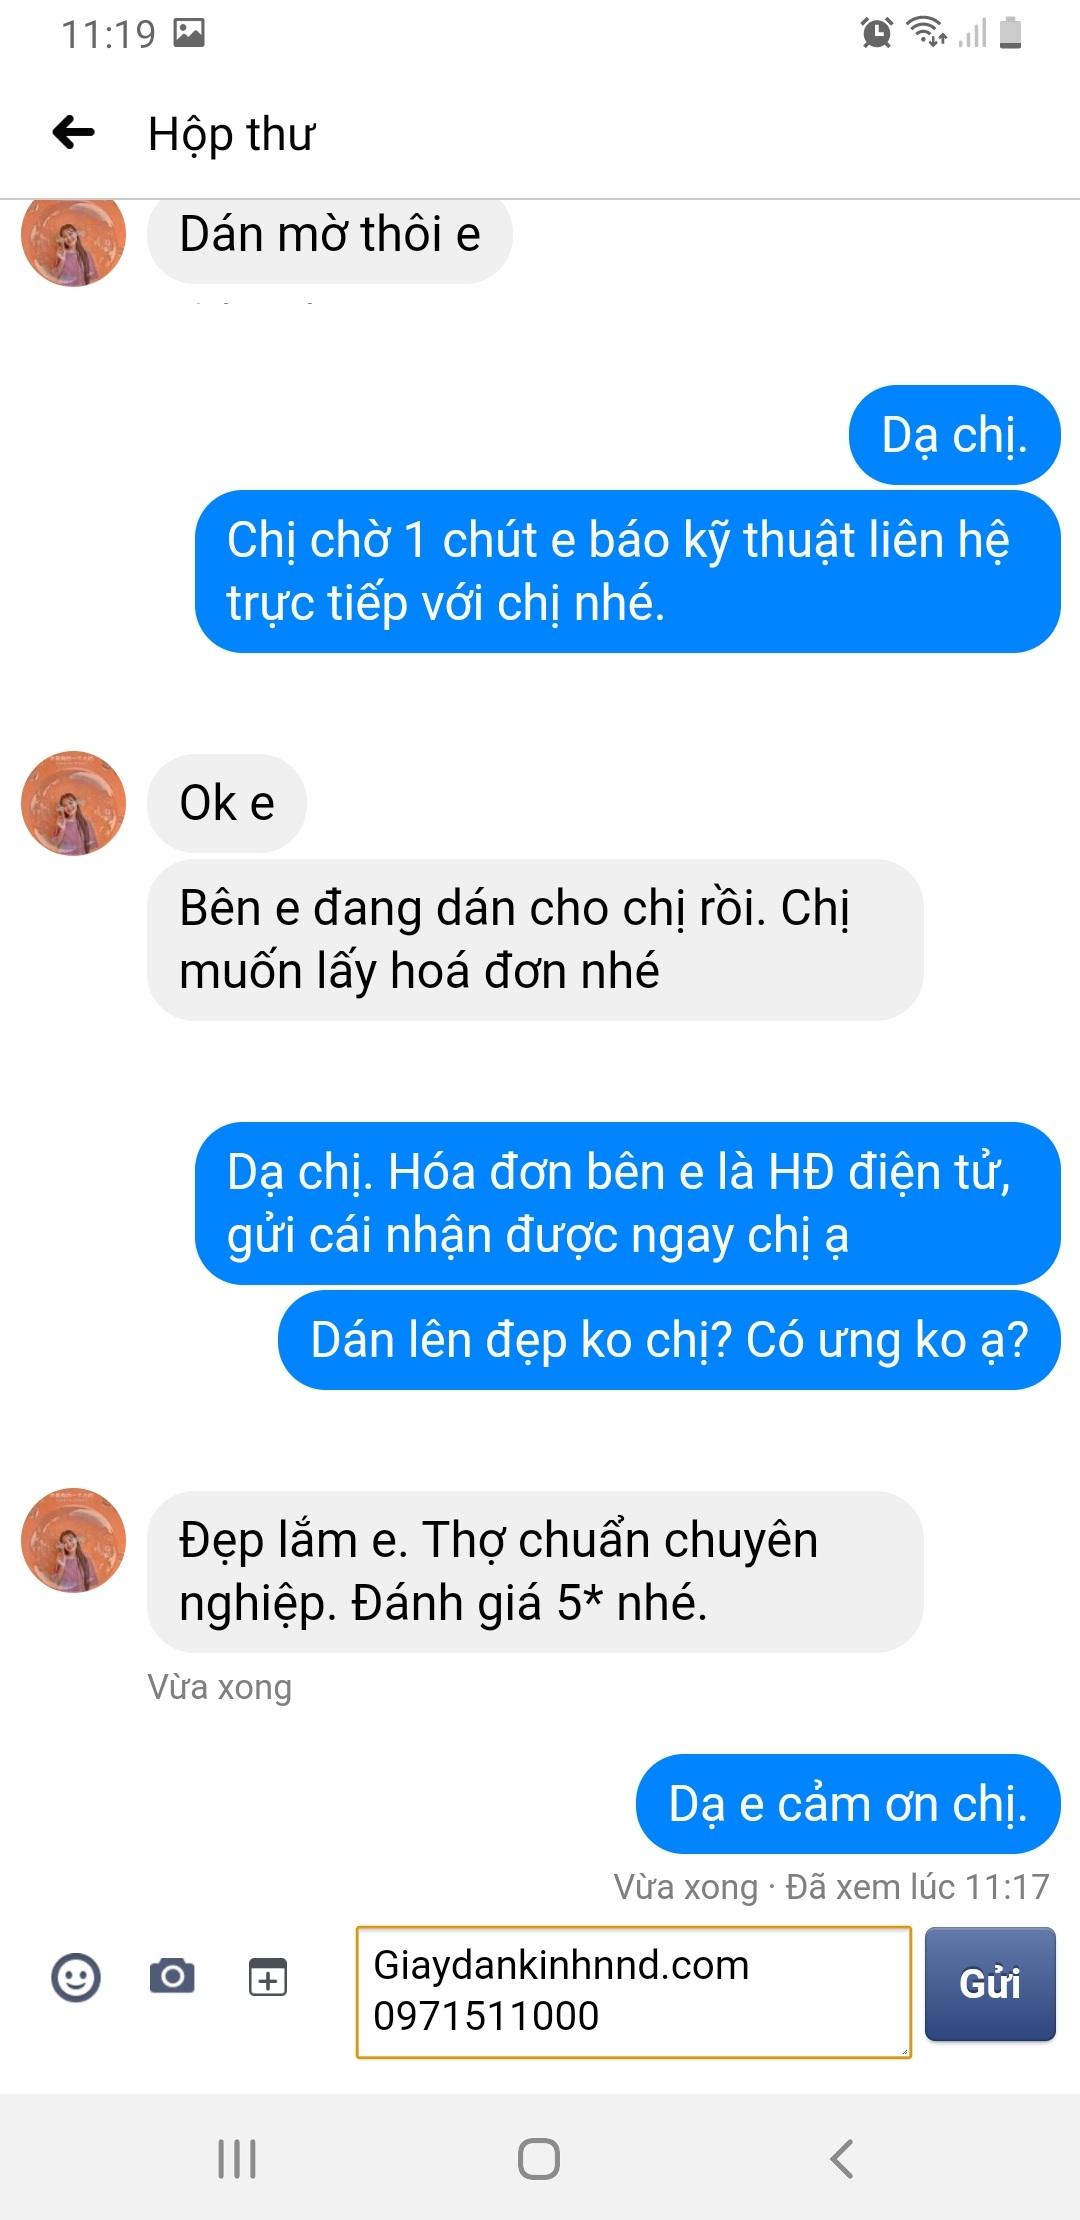 NND luôn tự hào vì đã và đang mang đến cho khách hàng những sản phẩm với chất lượng tốt, dịch vụ chuyên nhiệp và giá cả phải chăng nhất tại Việt Nam